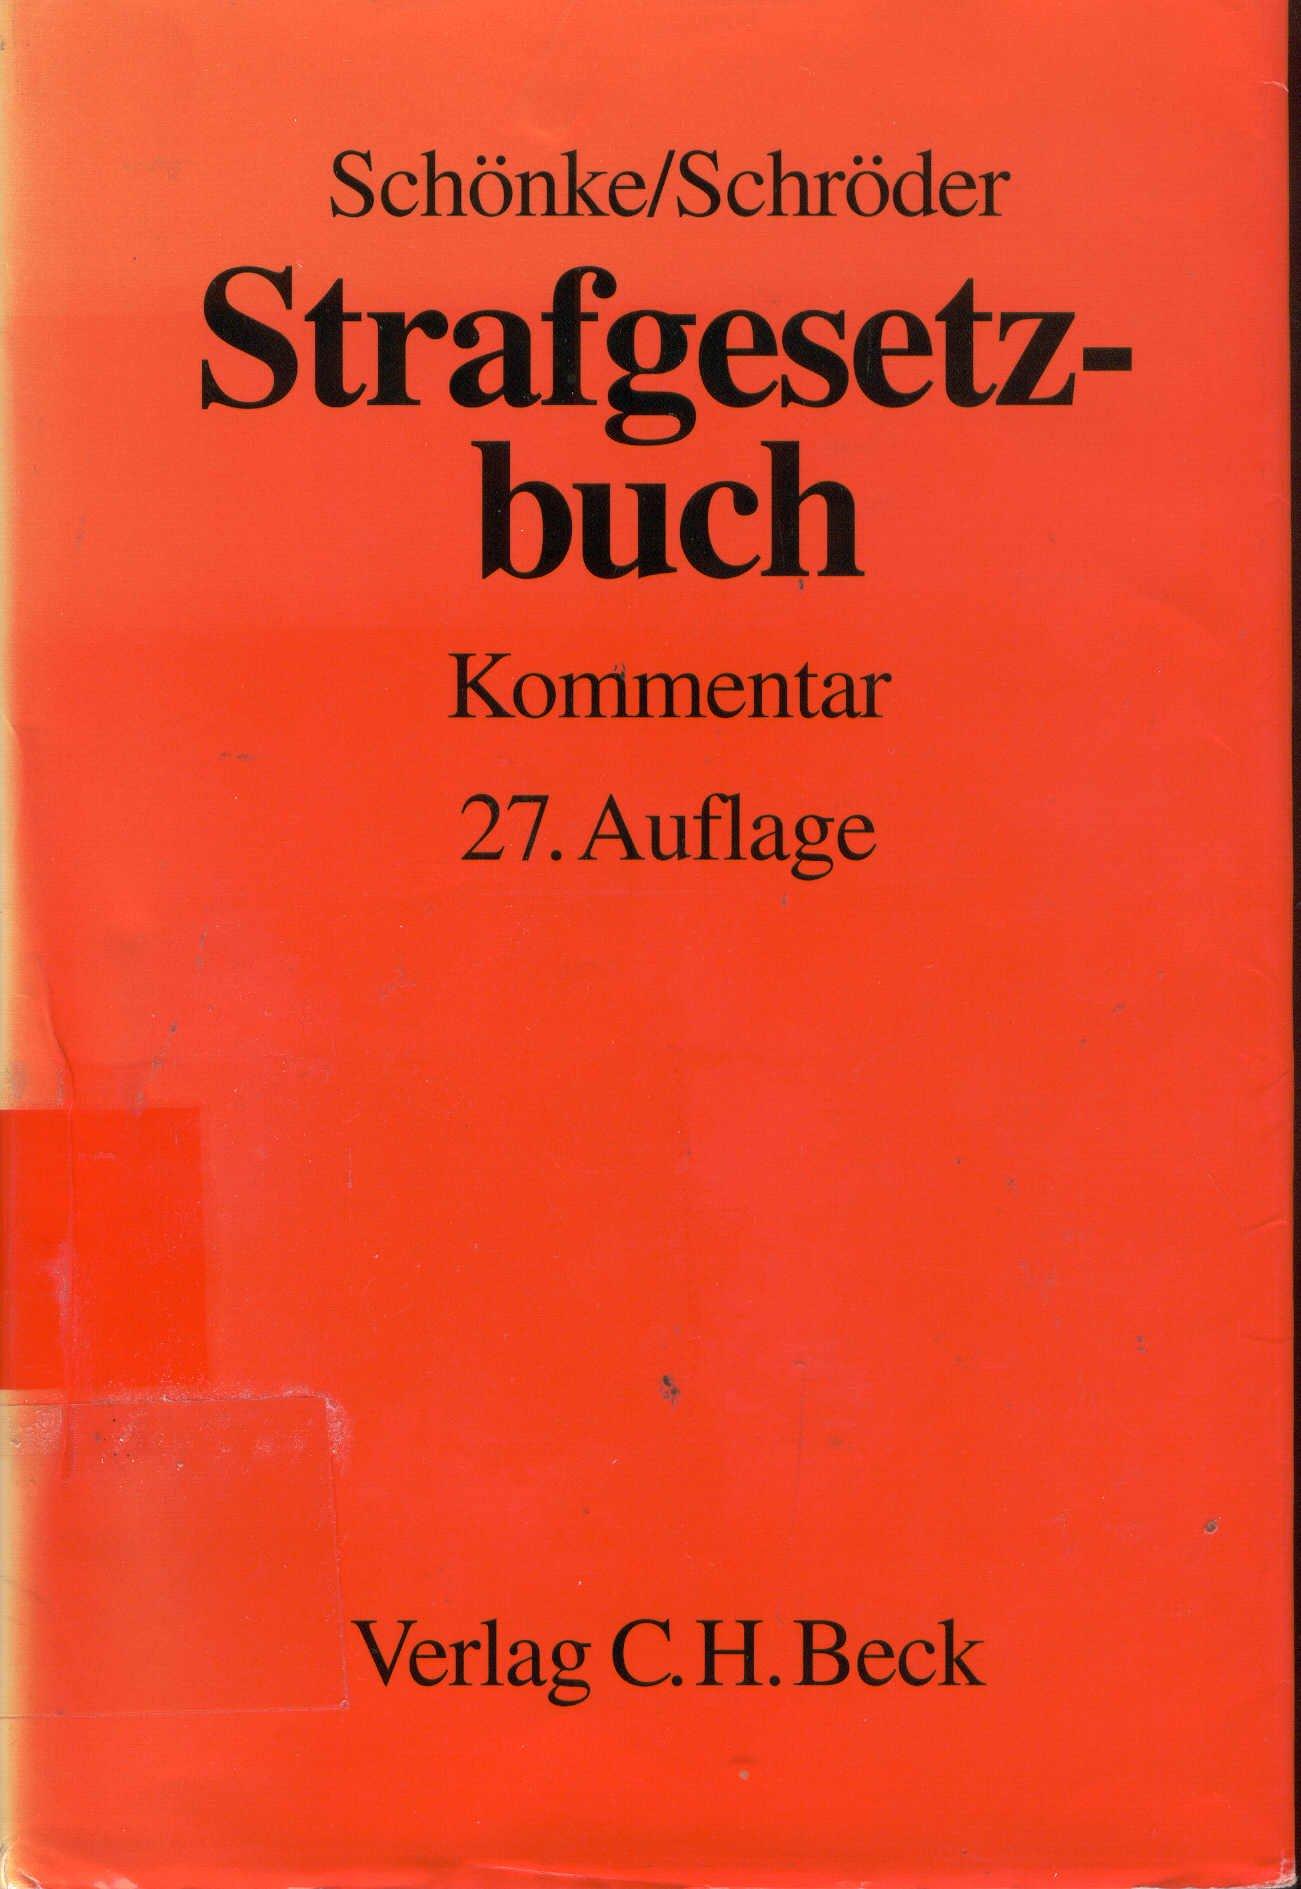 Strafgesetzbuch: Kommentar: Amazon.de: Adolf Schönke, Horst Schröder ...